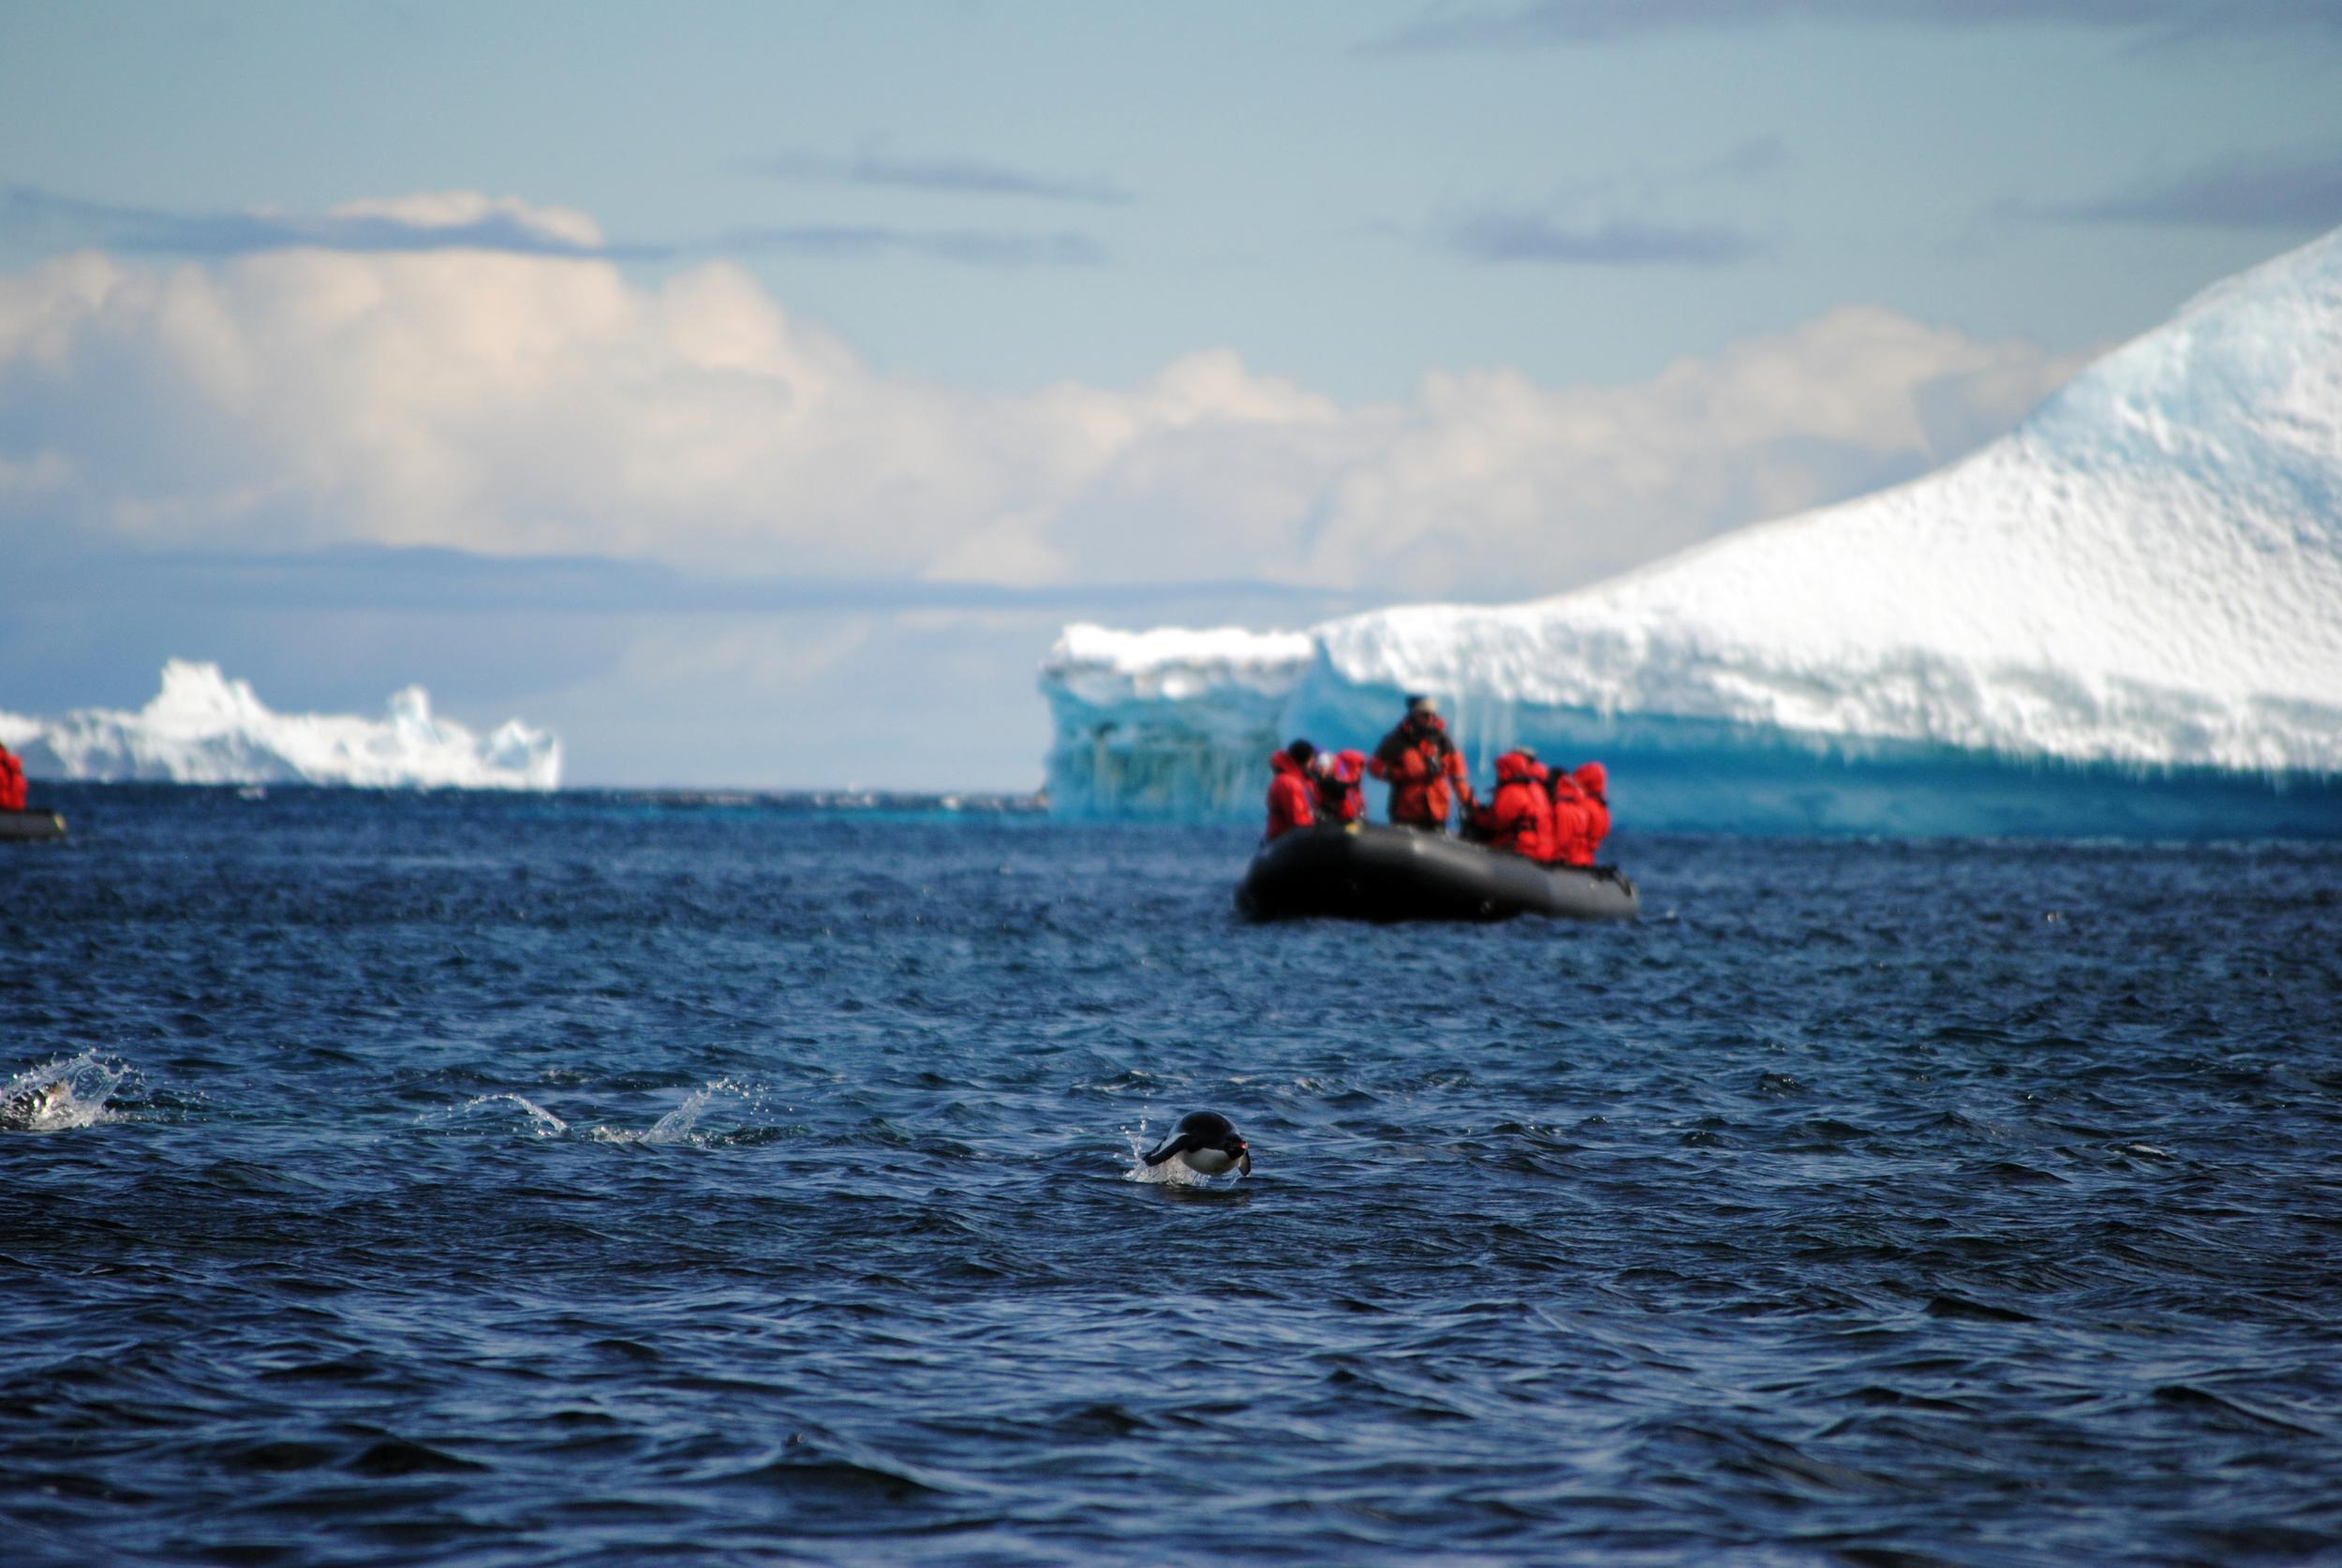 Akademik Ioffe, Zodiac, One Ocean, Antarctica, Penguin - Maggie a la Mode